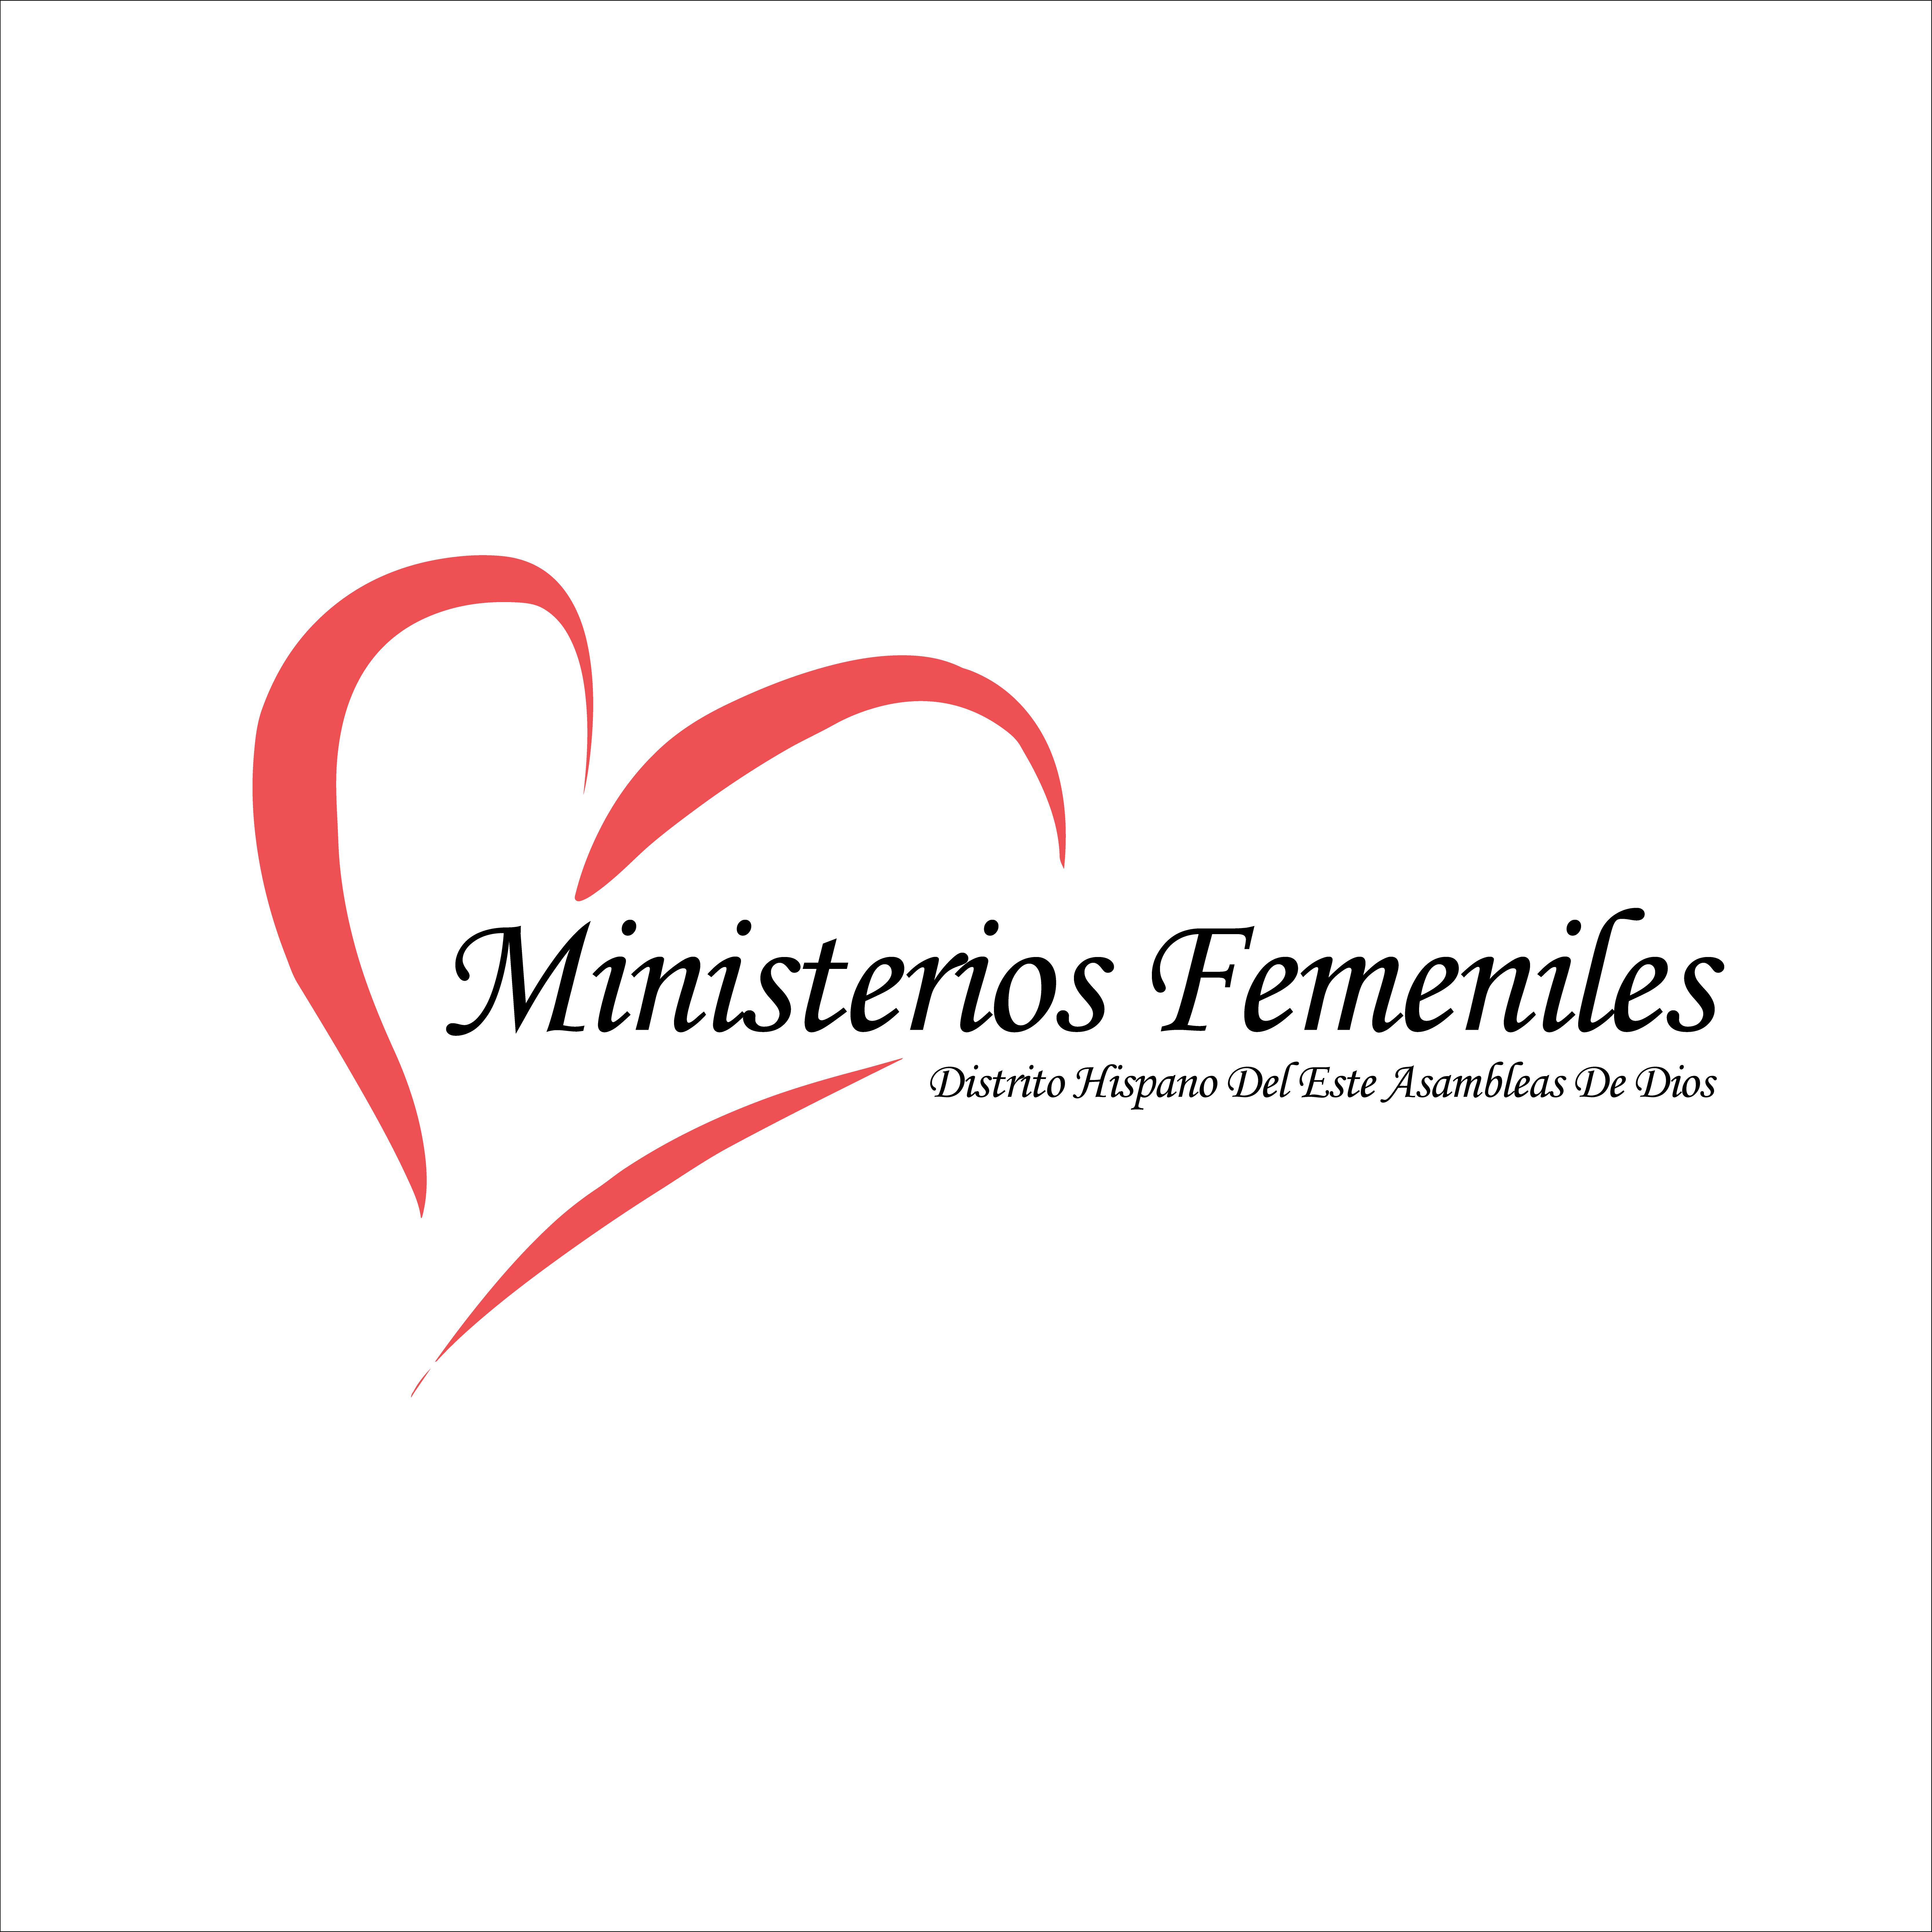 Ministerios Femeniles